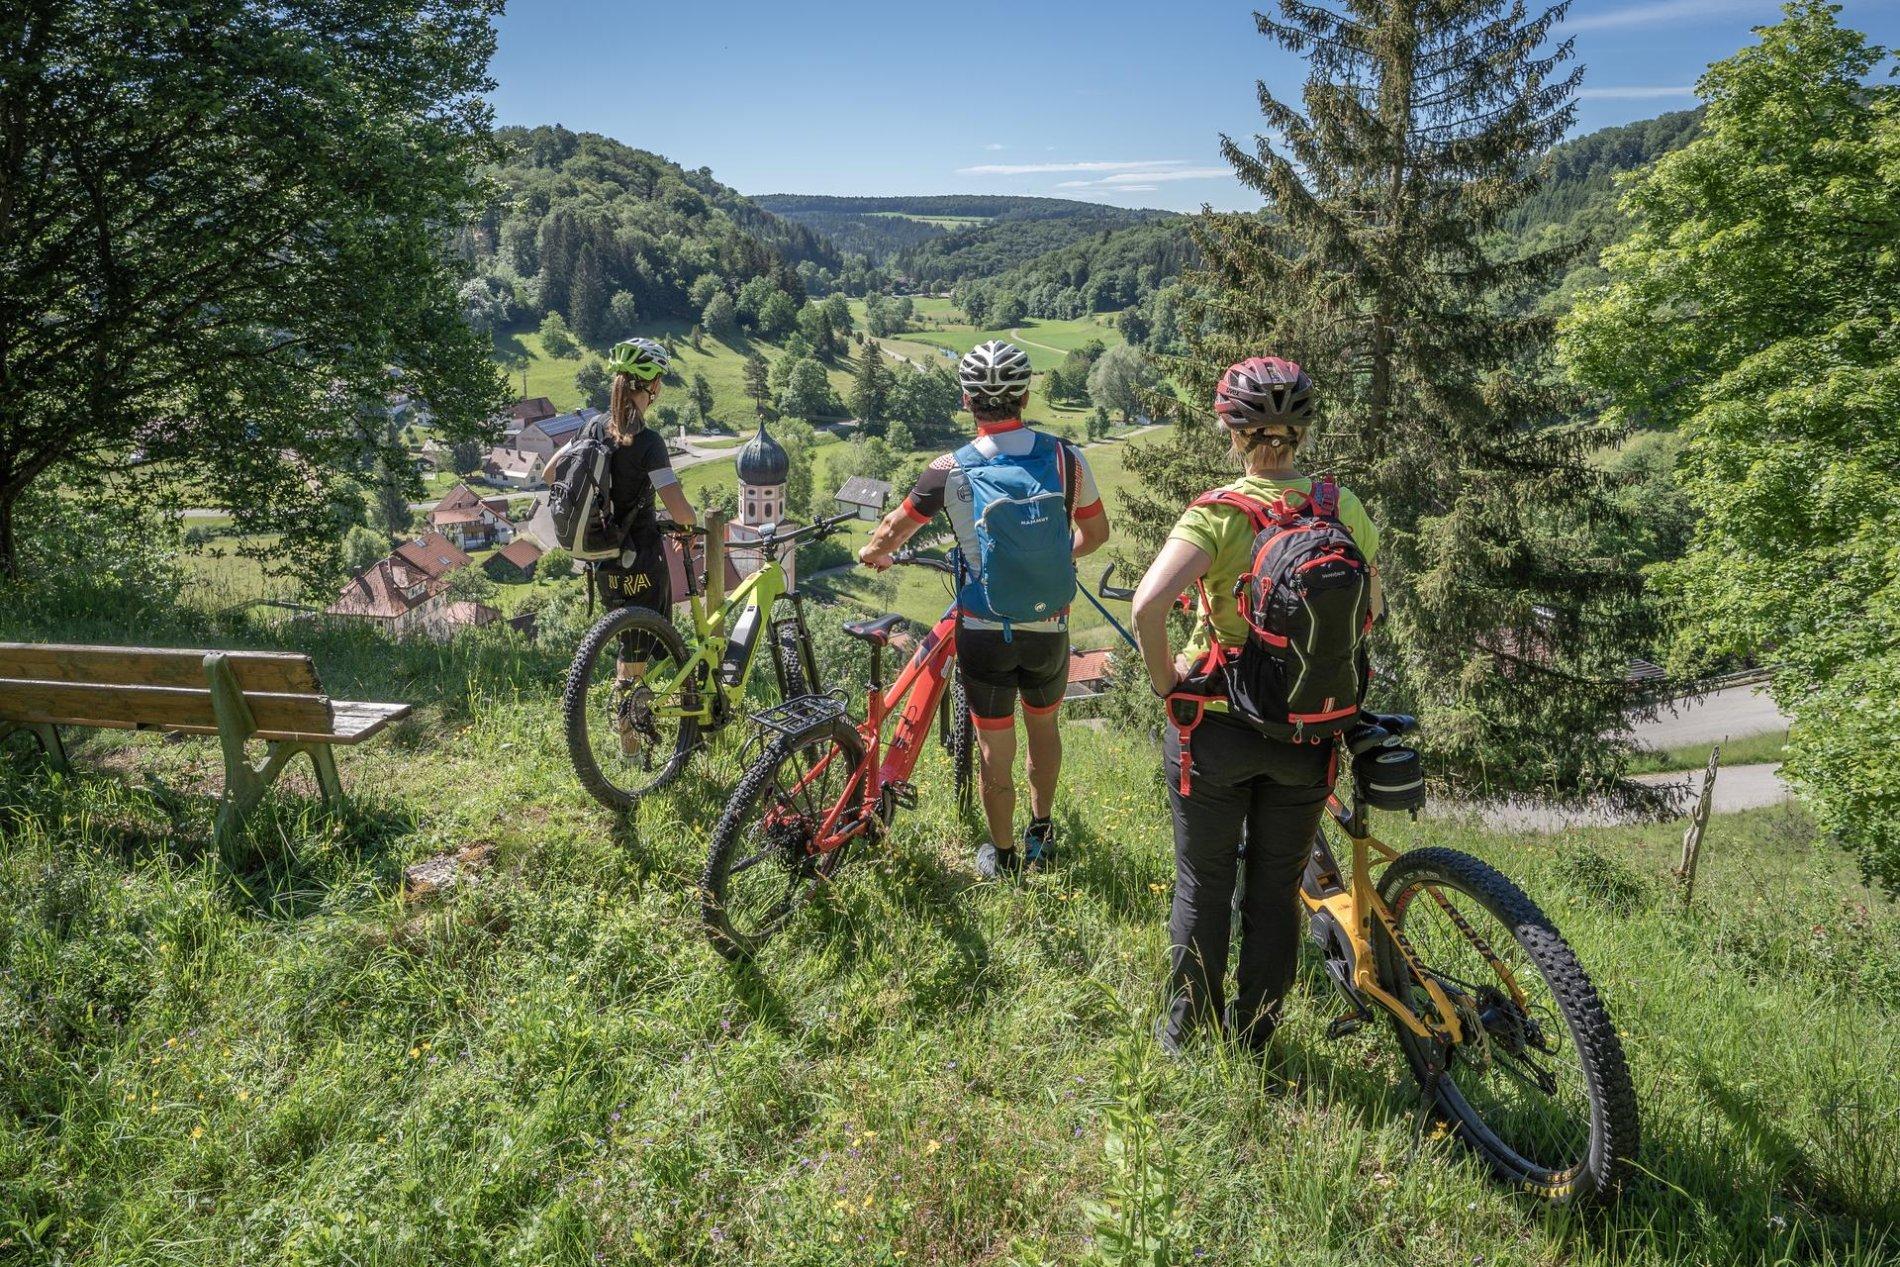 Drei Radfahrer*innen stehen an einem Aussichtspunkt und blicken ins Tal. Unten ist ein kleines Dorf. Es ist Sommer.